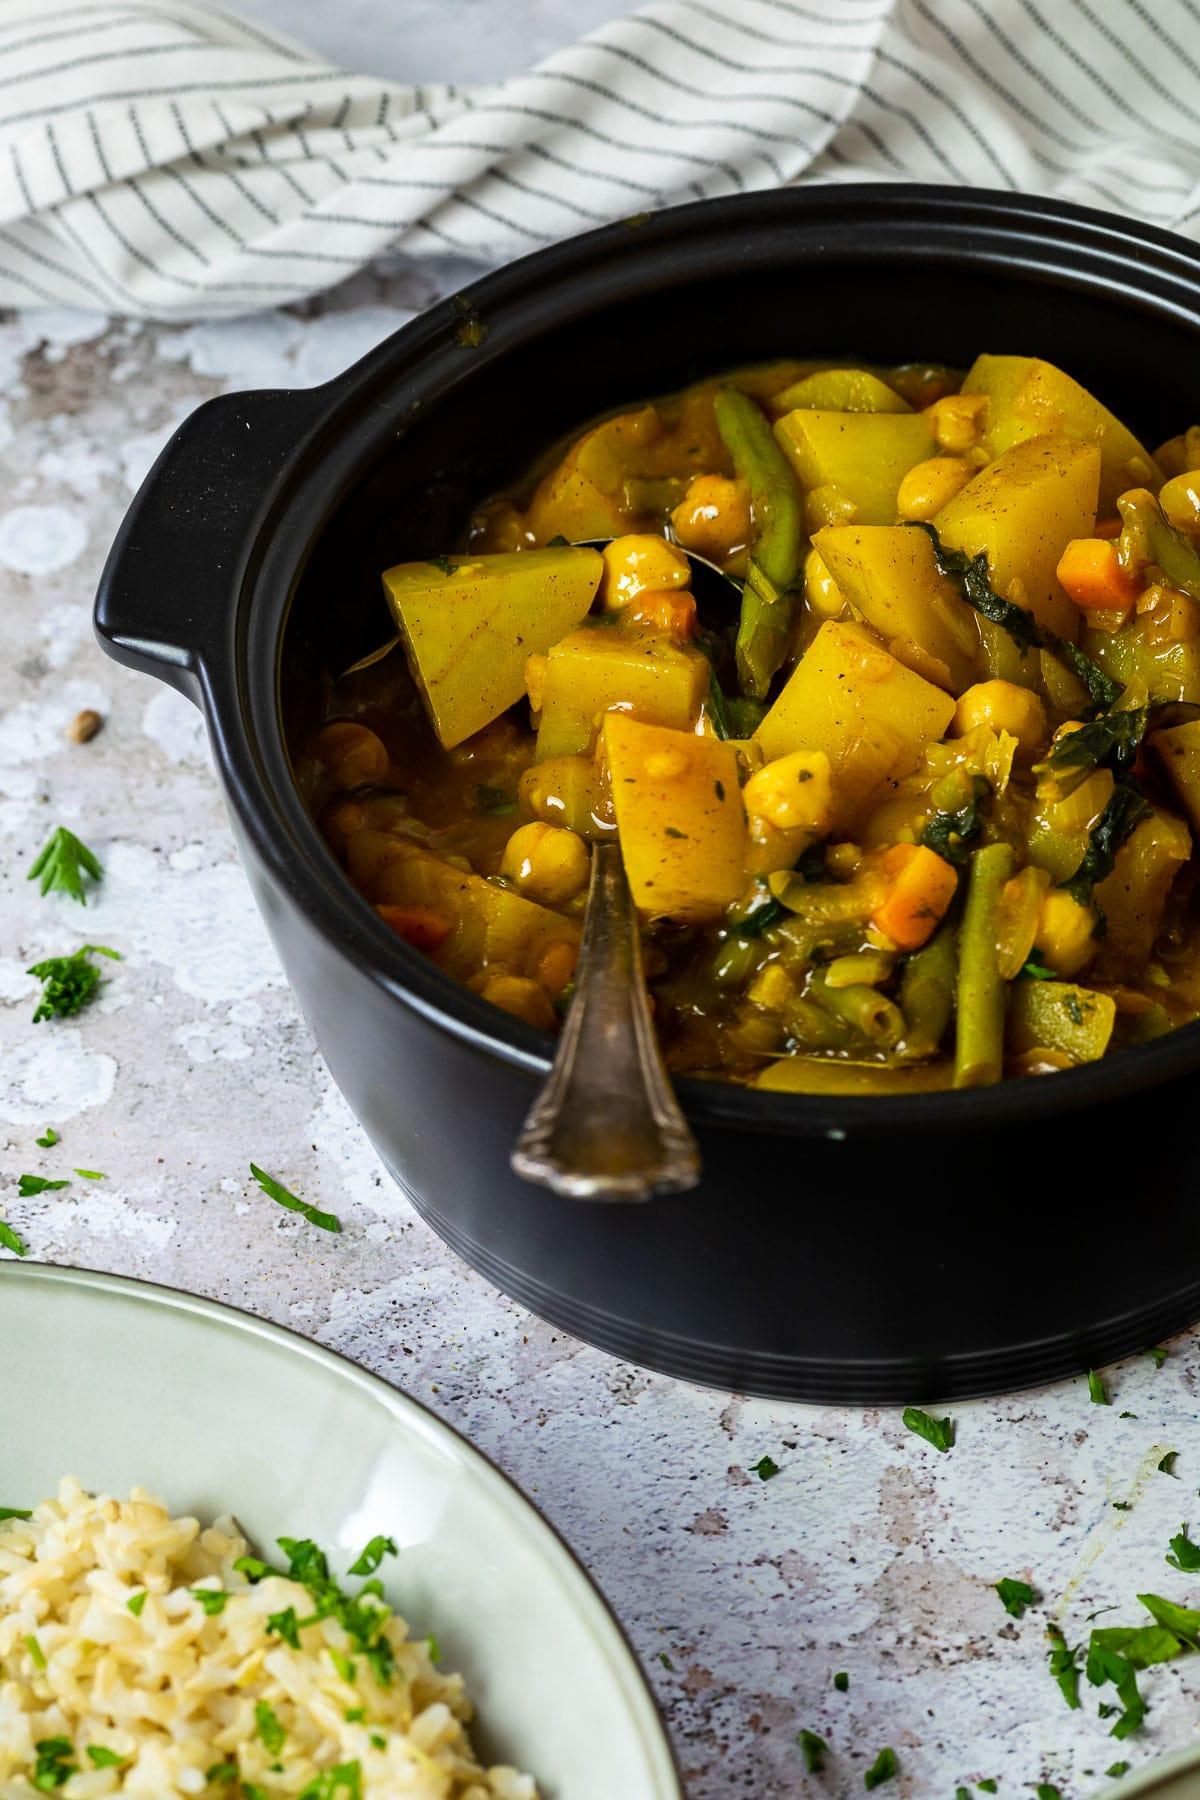 1 Topf mit Kartoffelcurry gefüllt